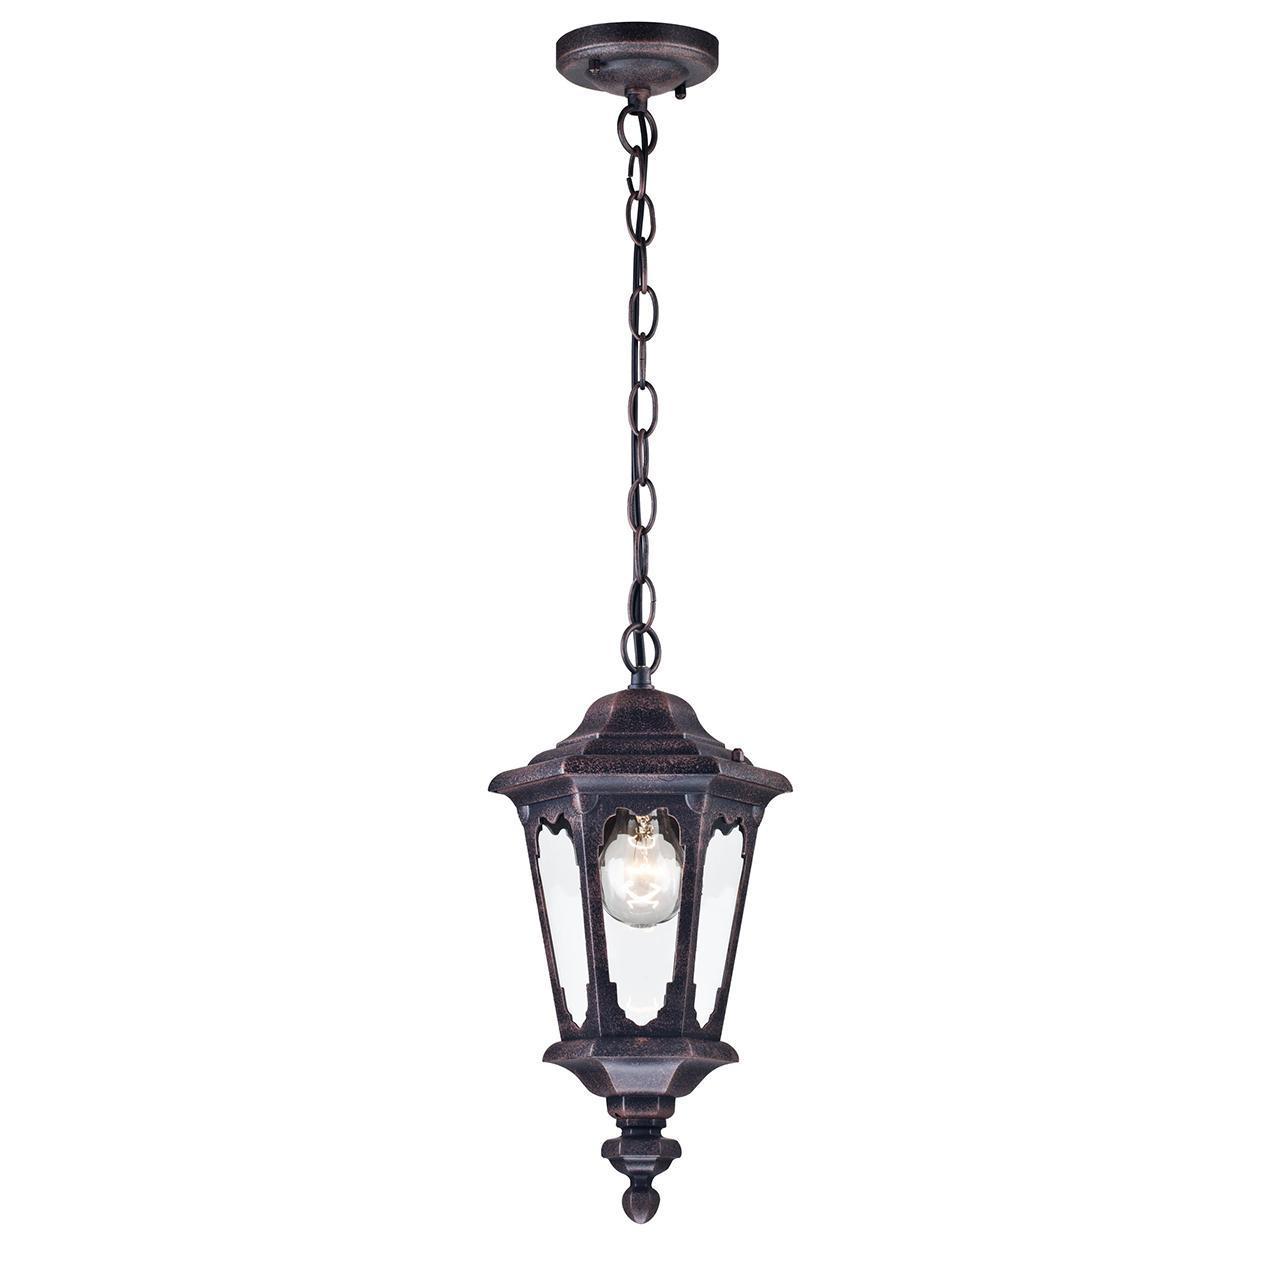 Уличный подвесной светильник Maytoni Oxford S101-10-41-B подвесной светильник maytoni oxford s101 10 41 в